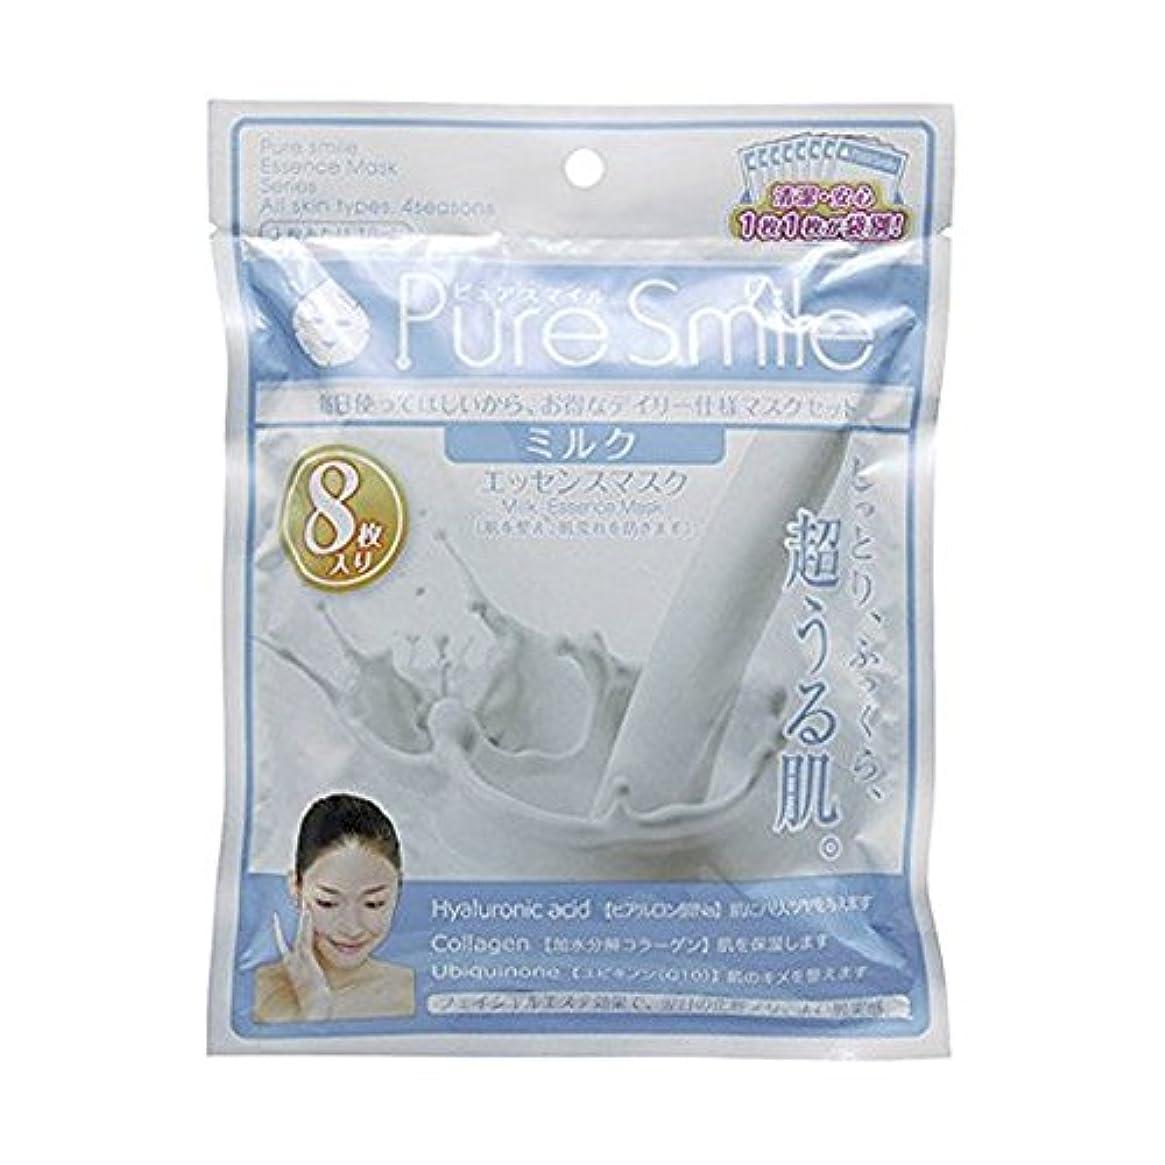 端その間自動的にピュアスマイル エッセンスマスク 8枚セット ミルク